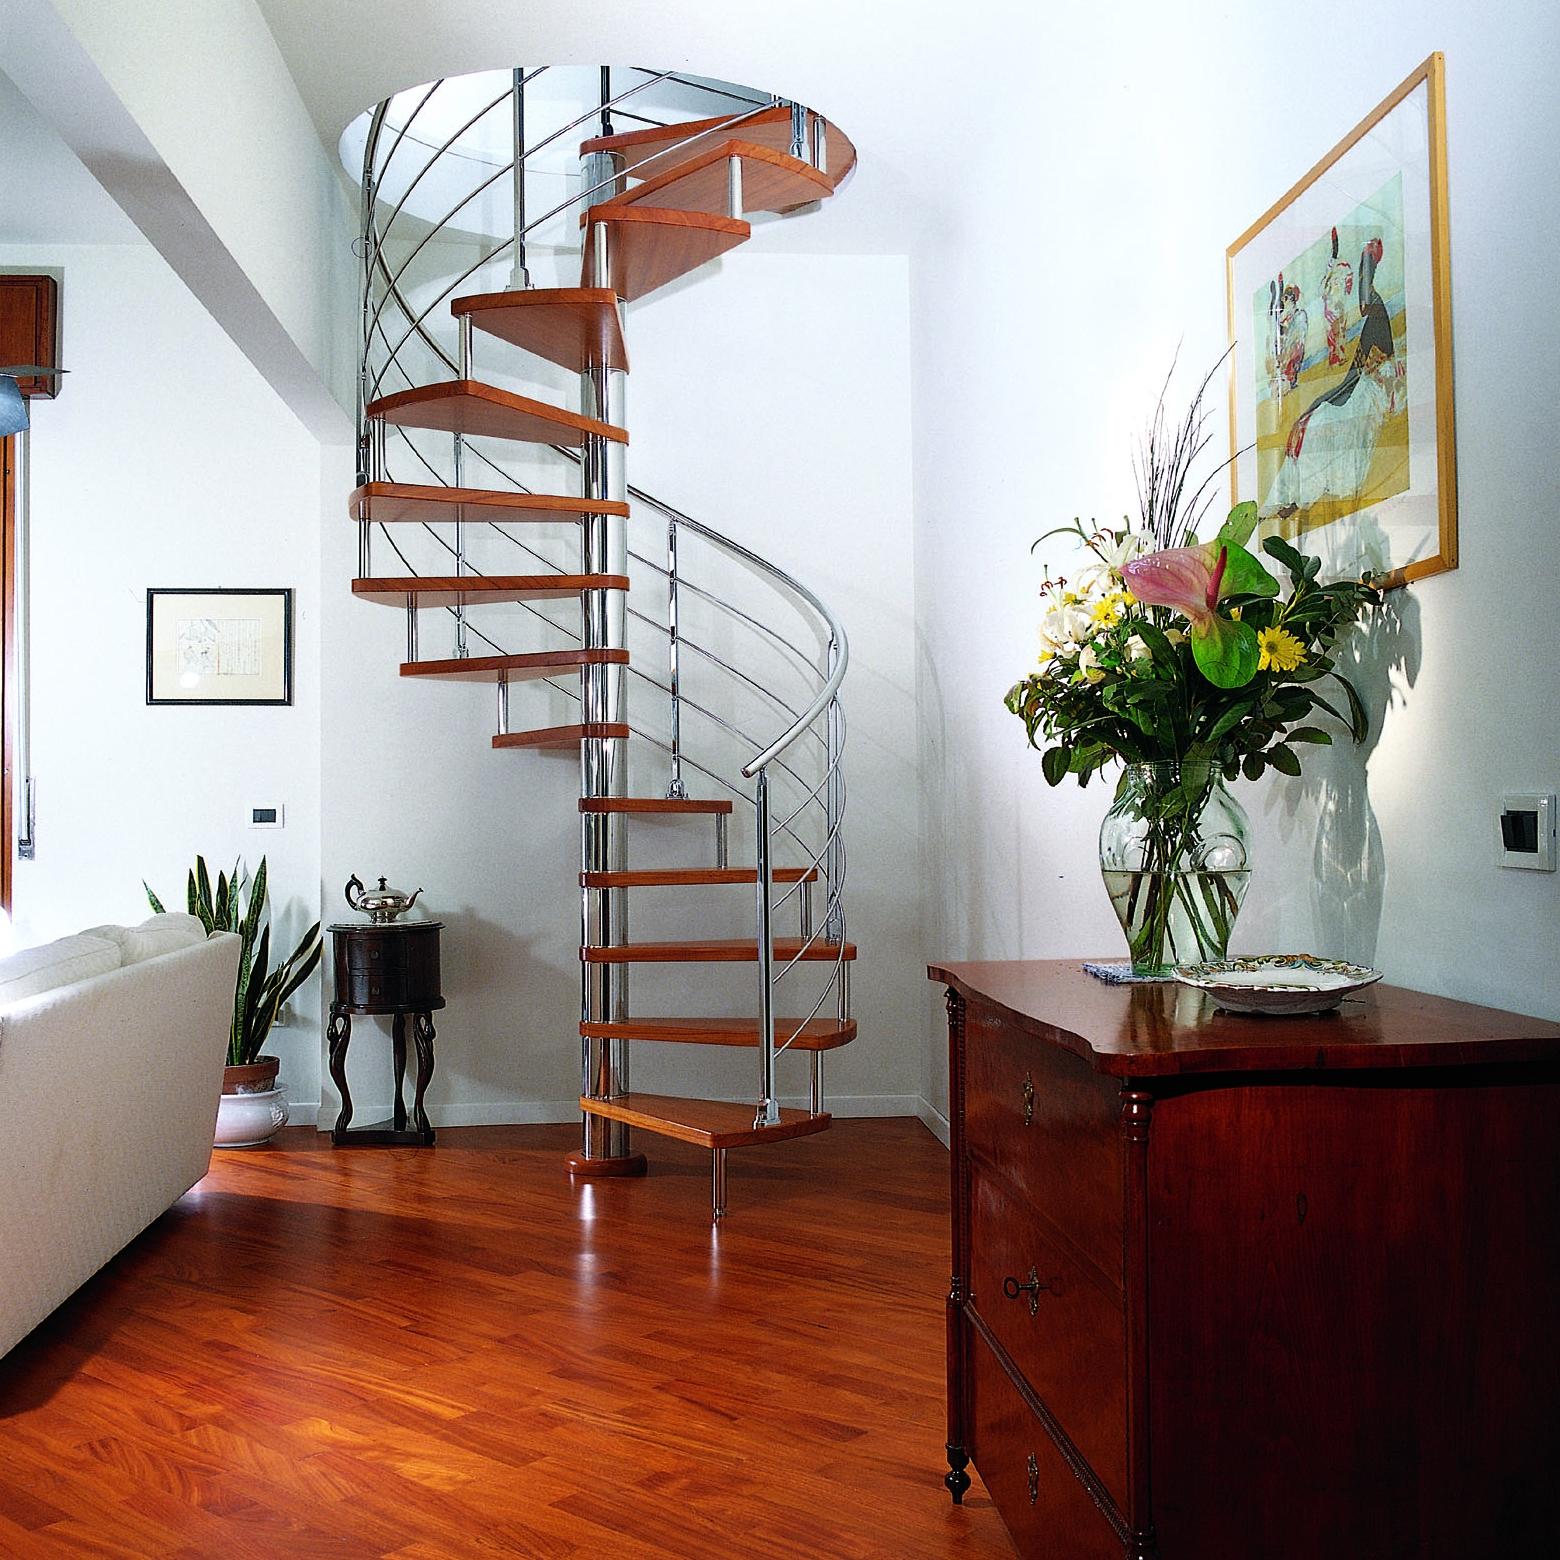 Небольшая винтовая лестница из дерева и металла